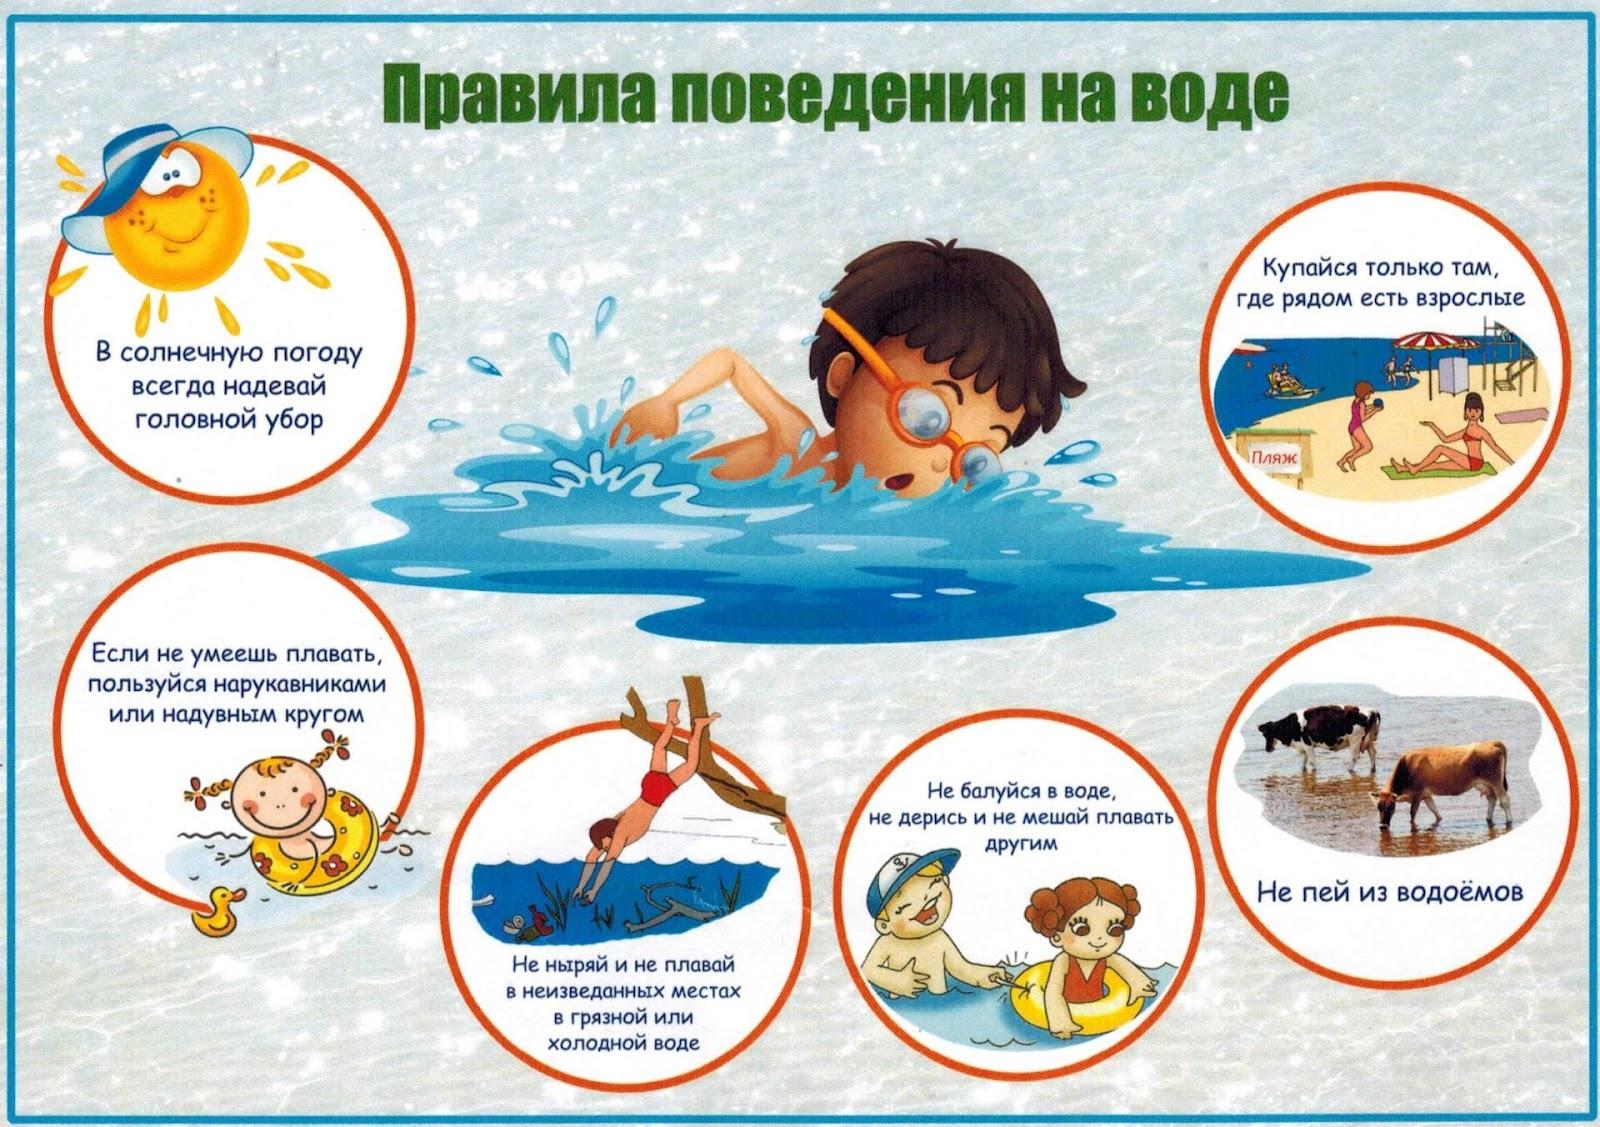 C:\Users\One\Desktop\Барышникова Е.В\Профилактика\Безопасность на воде июнь 2021\p5.jpg